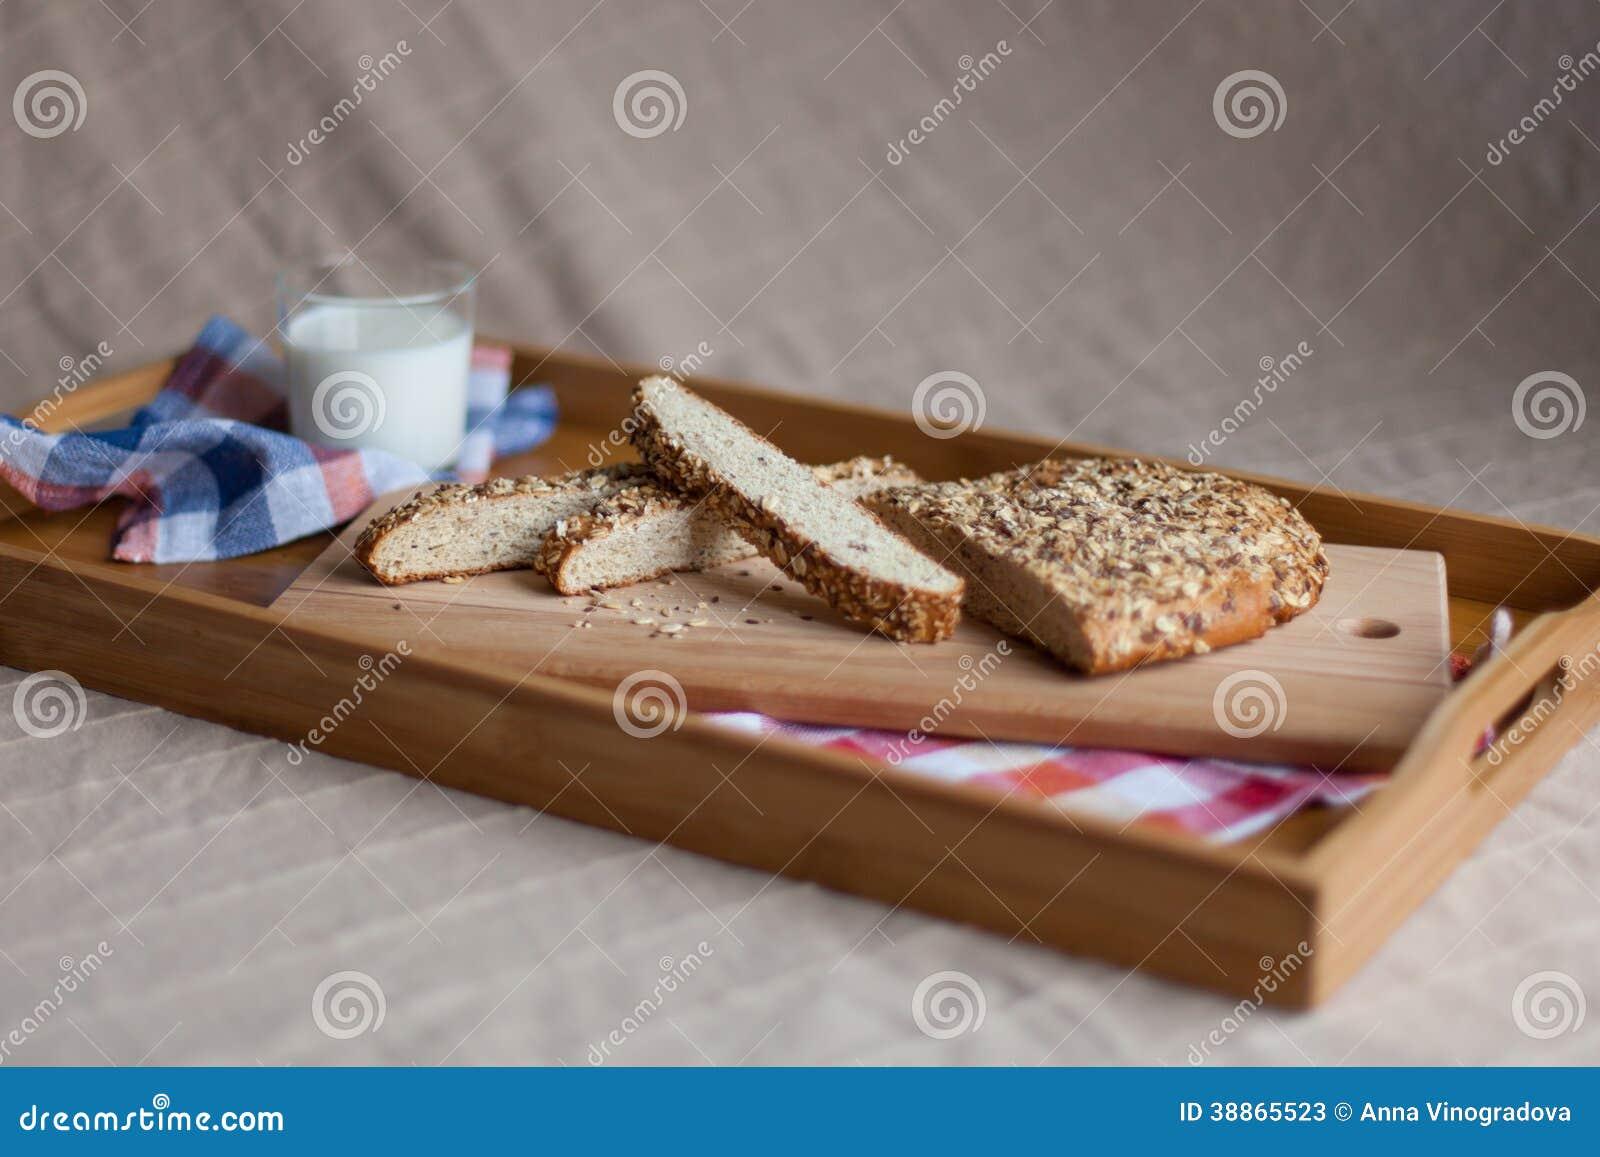 Desayuno que consiste en la leche y el pan